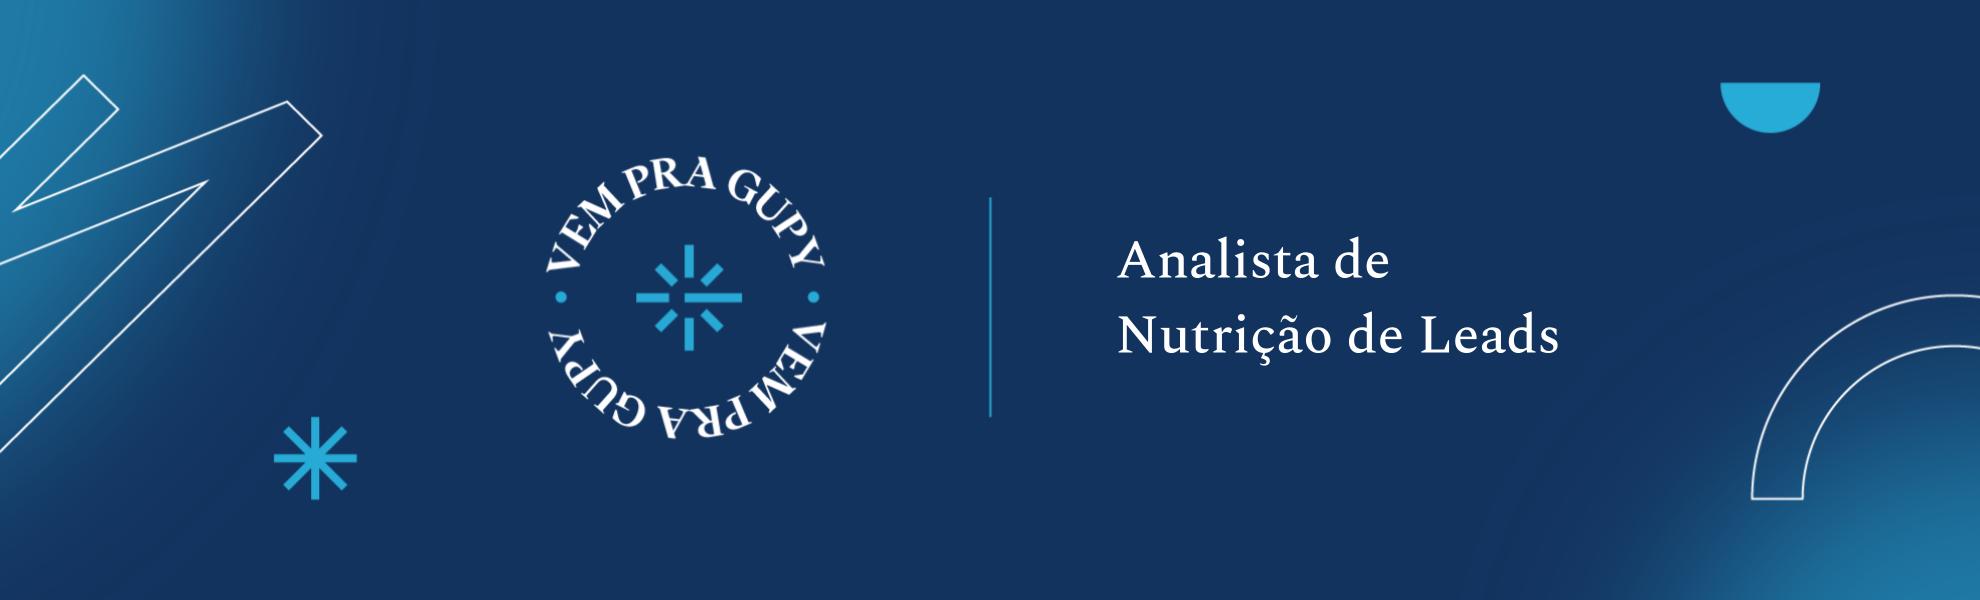 Analista de Nutrição de Leads (Marketing)